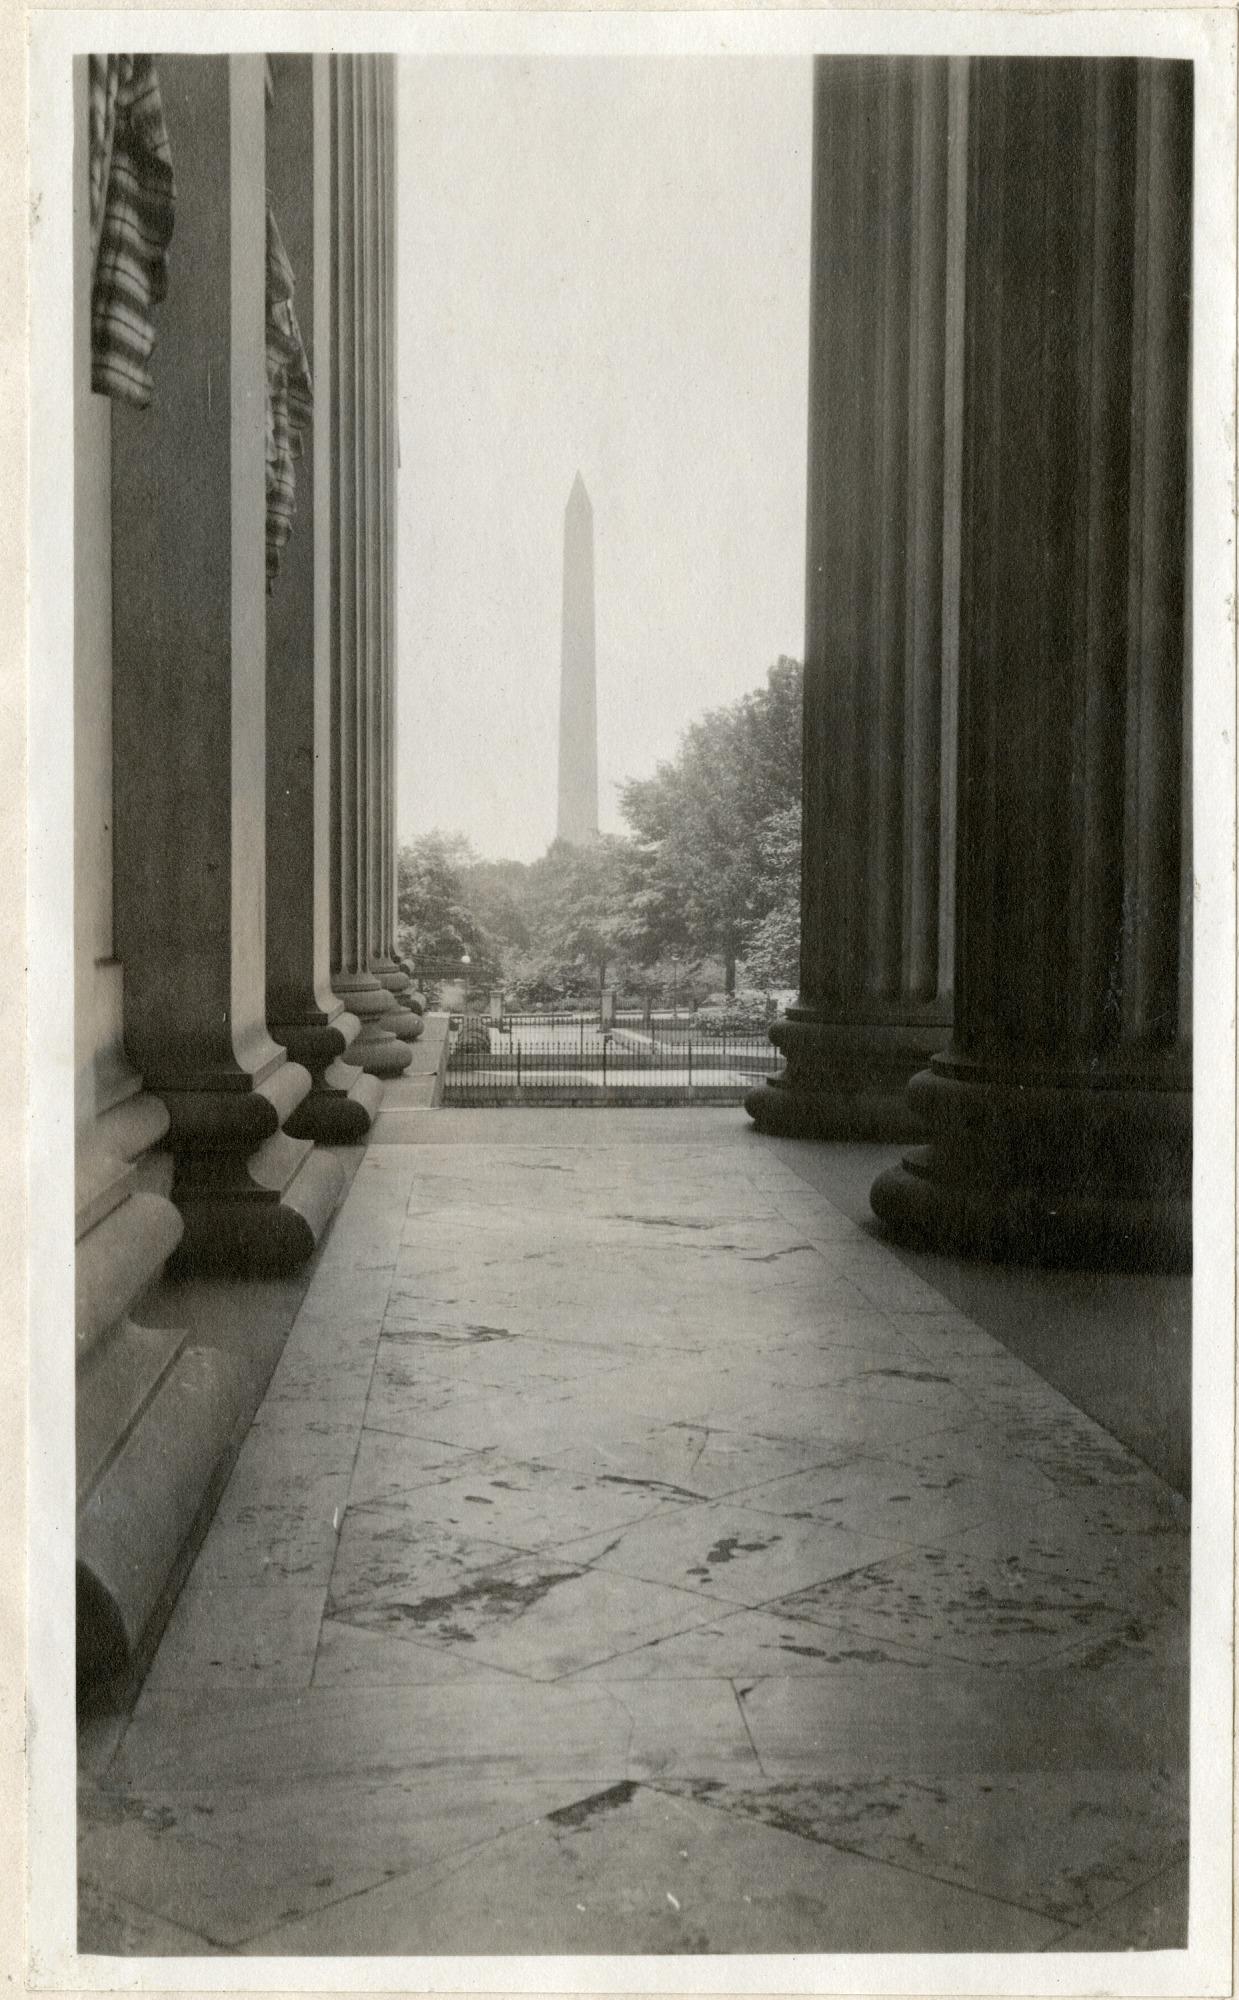 Washington Monument, 1919, Smithsonian Institution Archives, SIA RU007355 [SIA2010-2044].